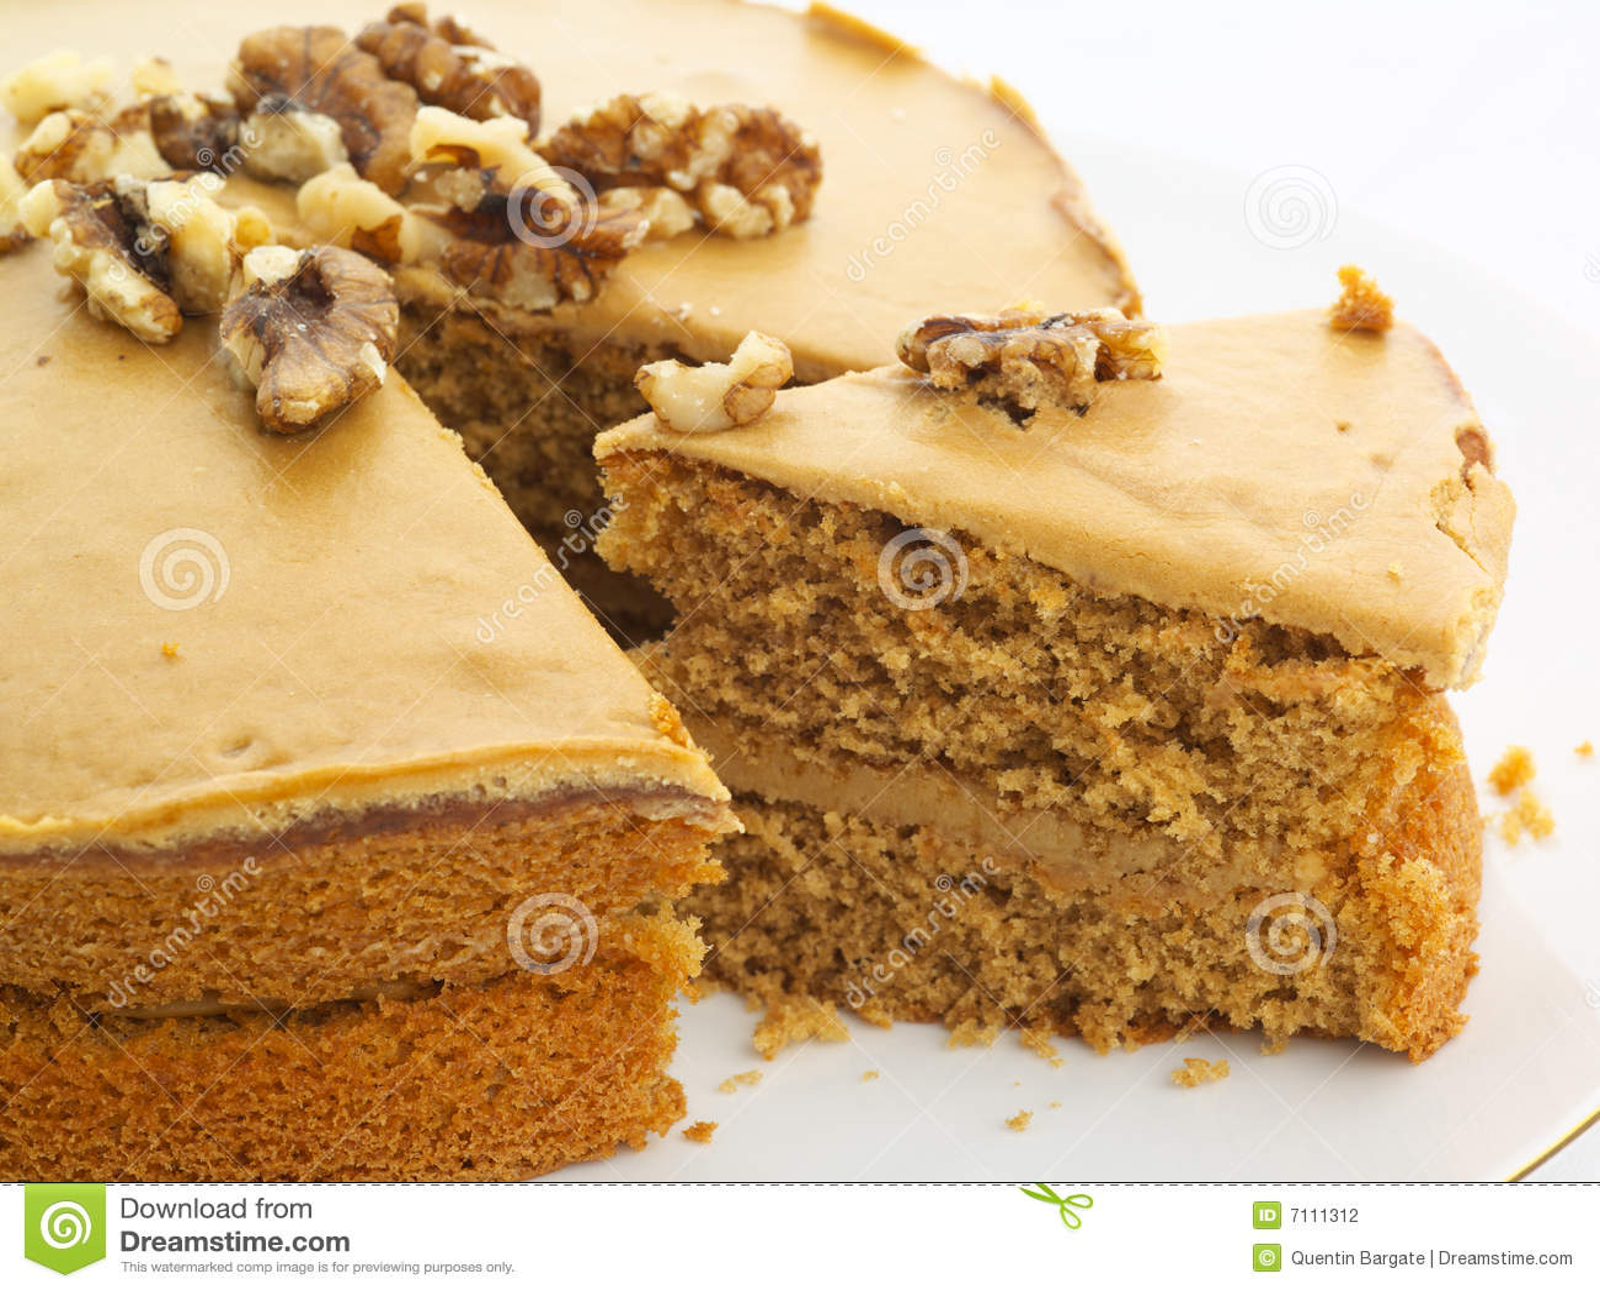 Walnut Cake Stock Photography - Image: 7111312